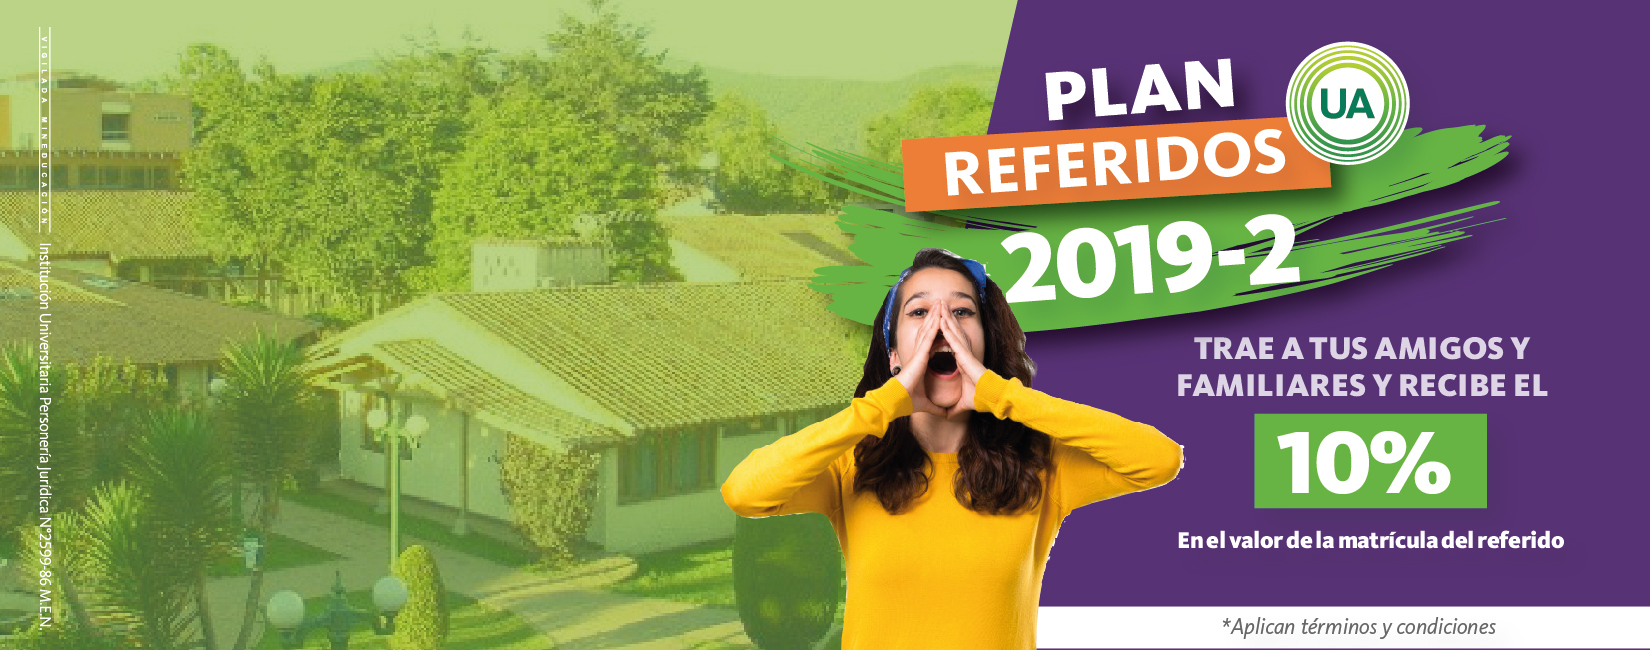 Plan referidos 2019